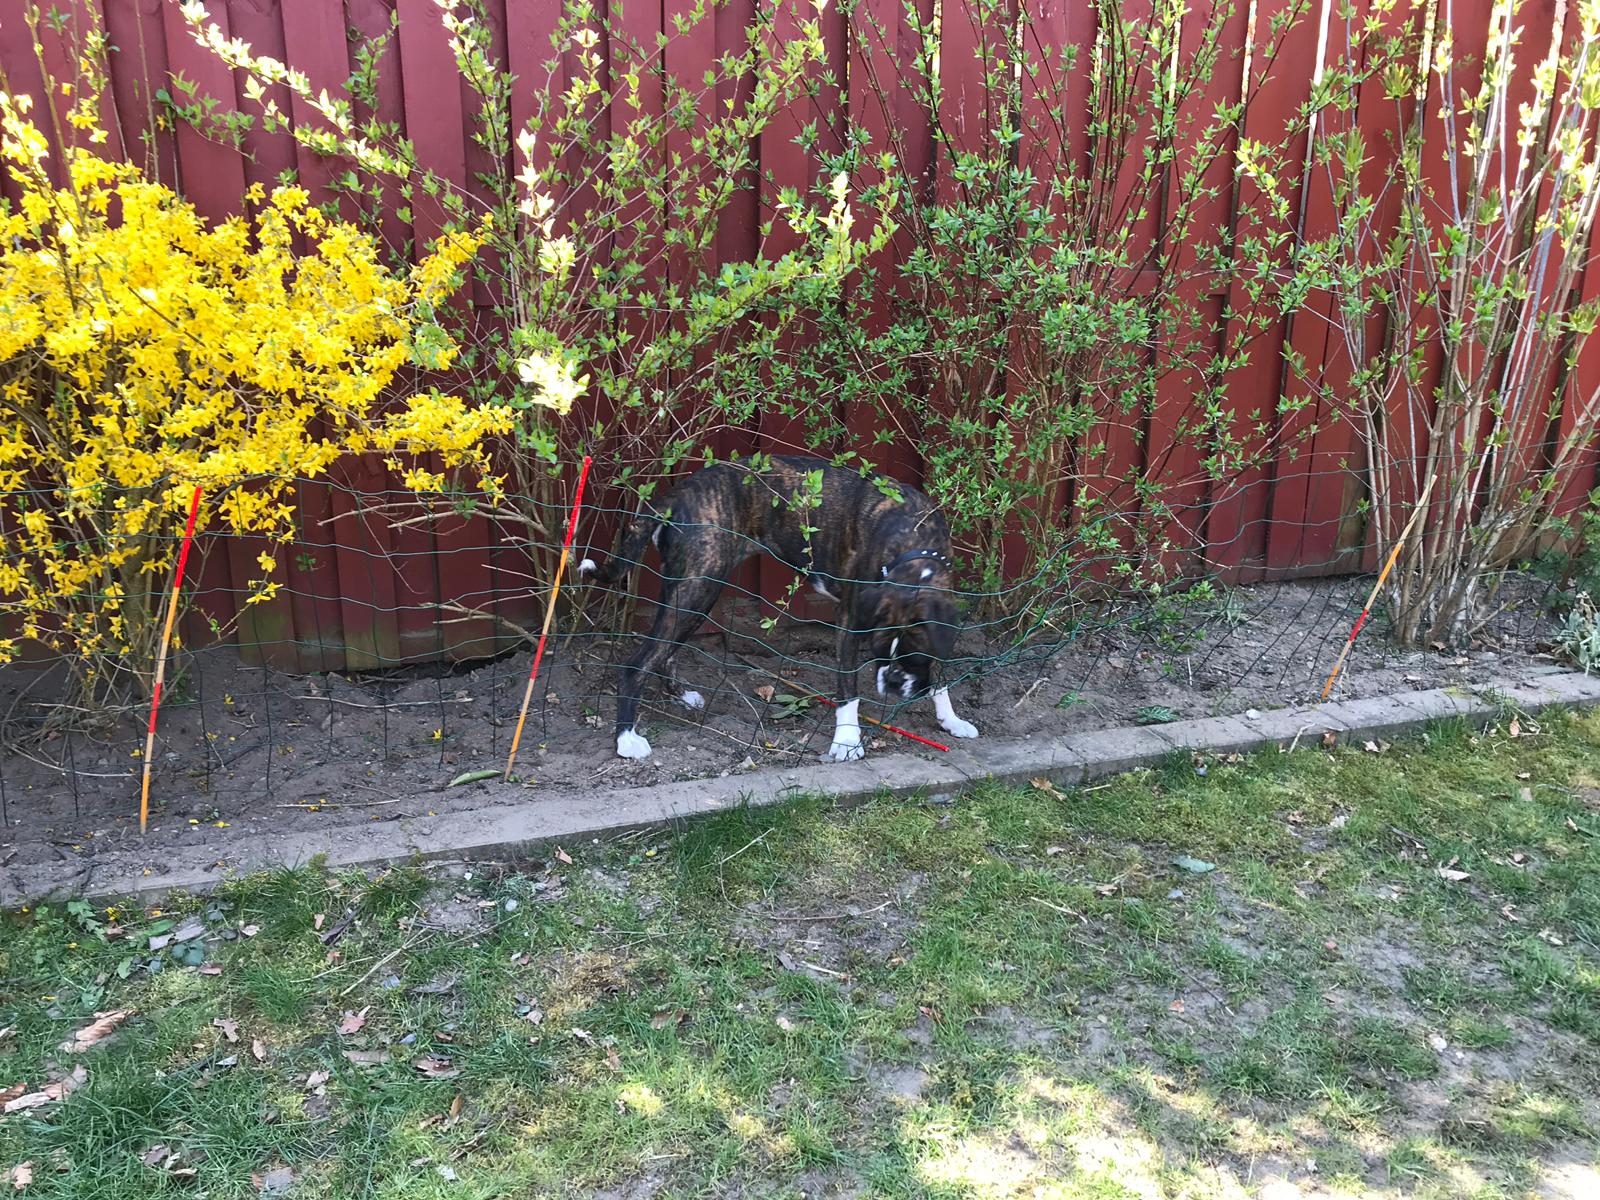 Diamond hilft bei der Gartenarbeit